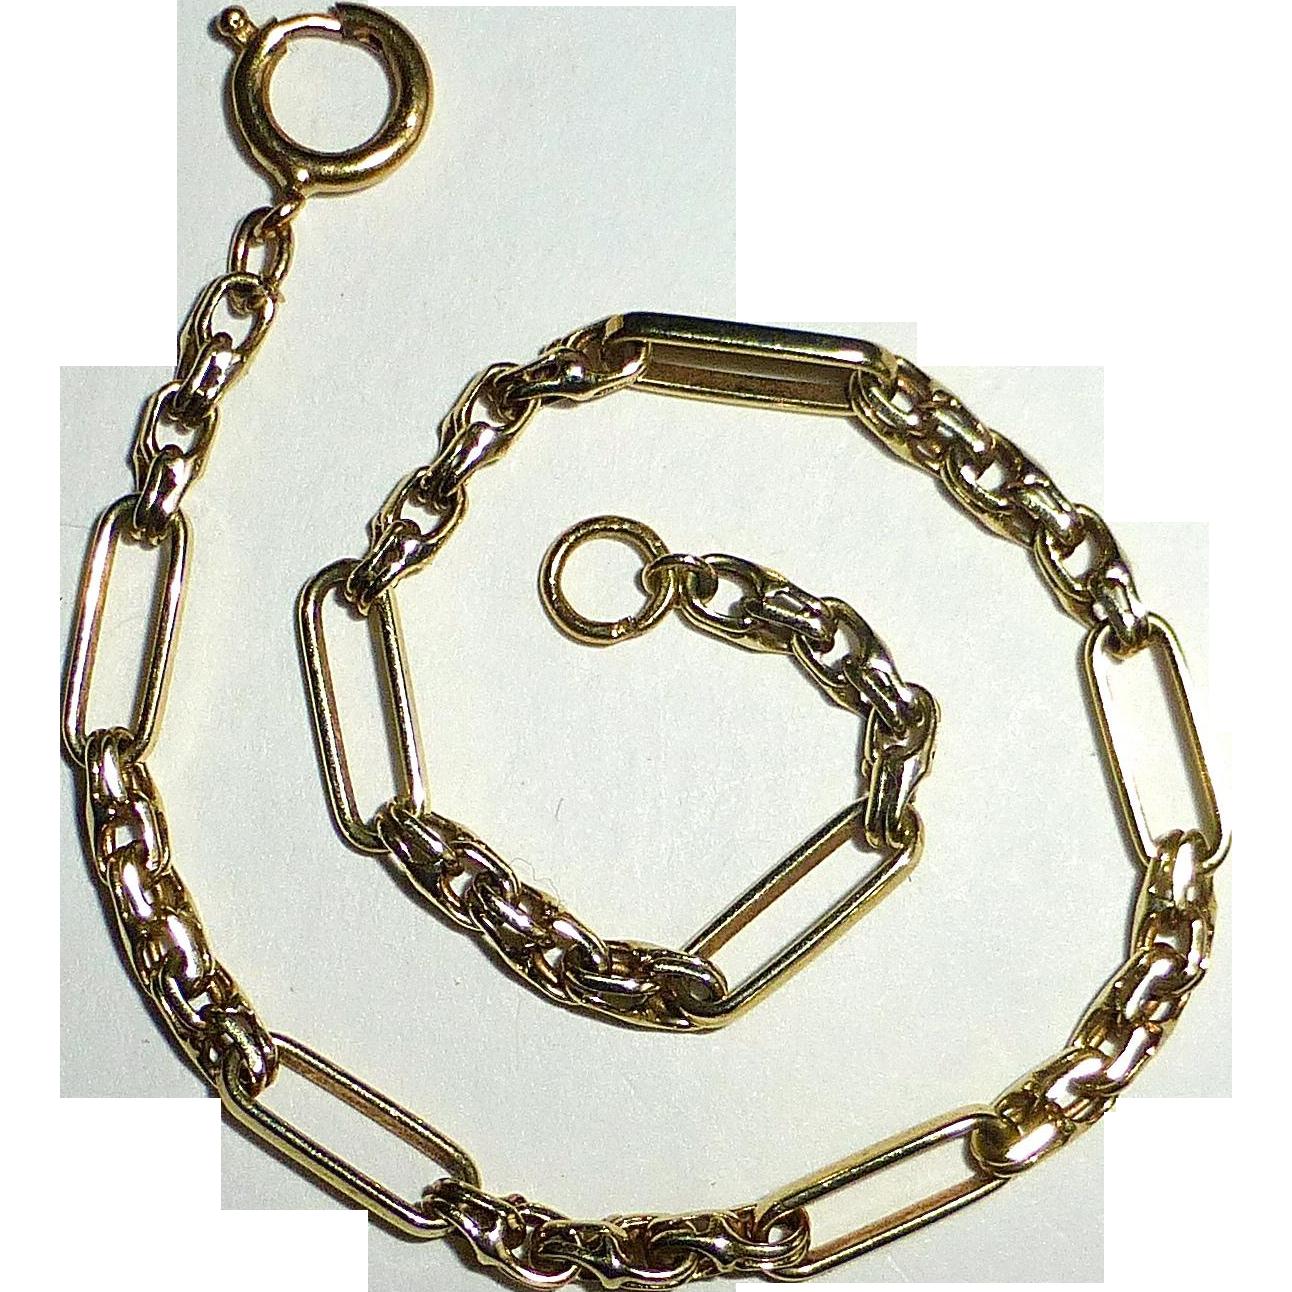 14k Old Long/Short Link Bracelet